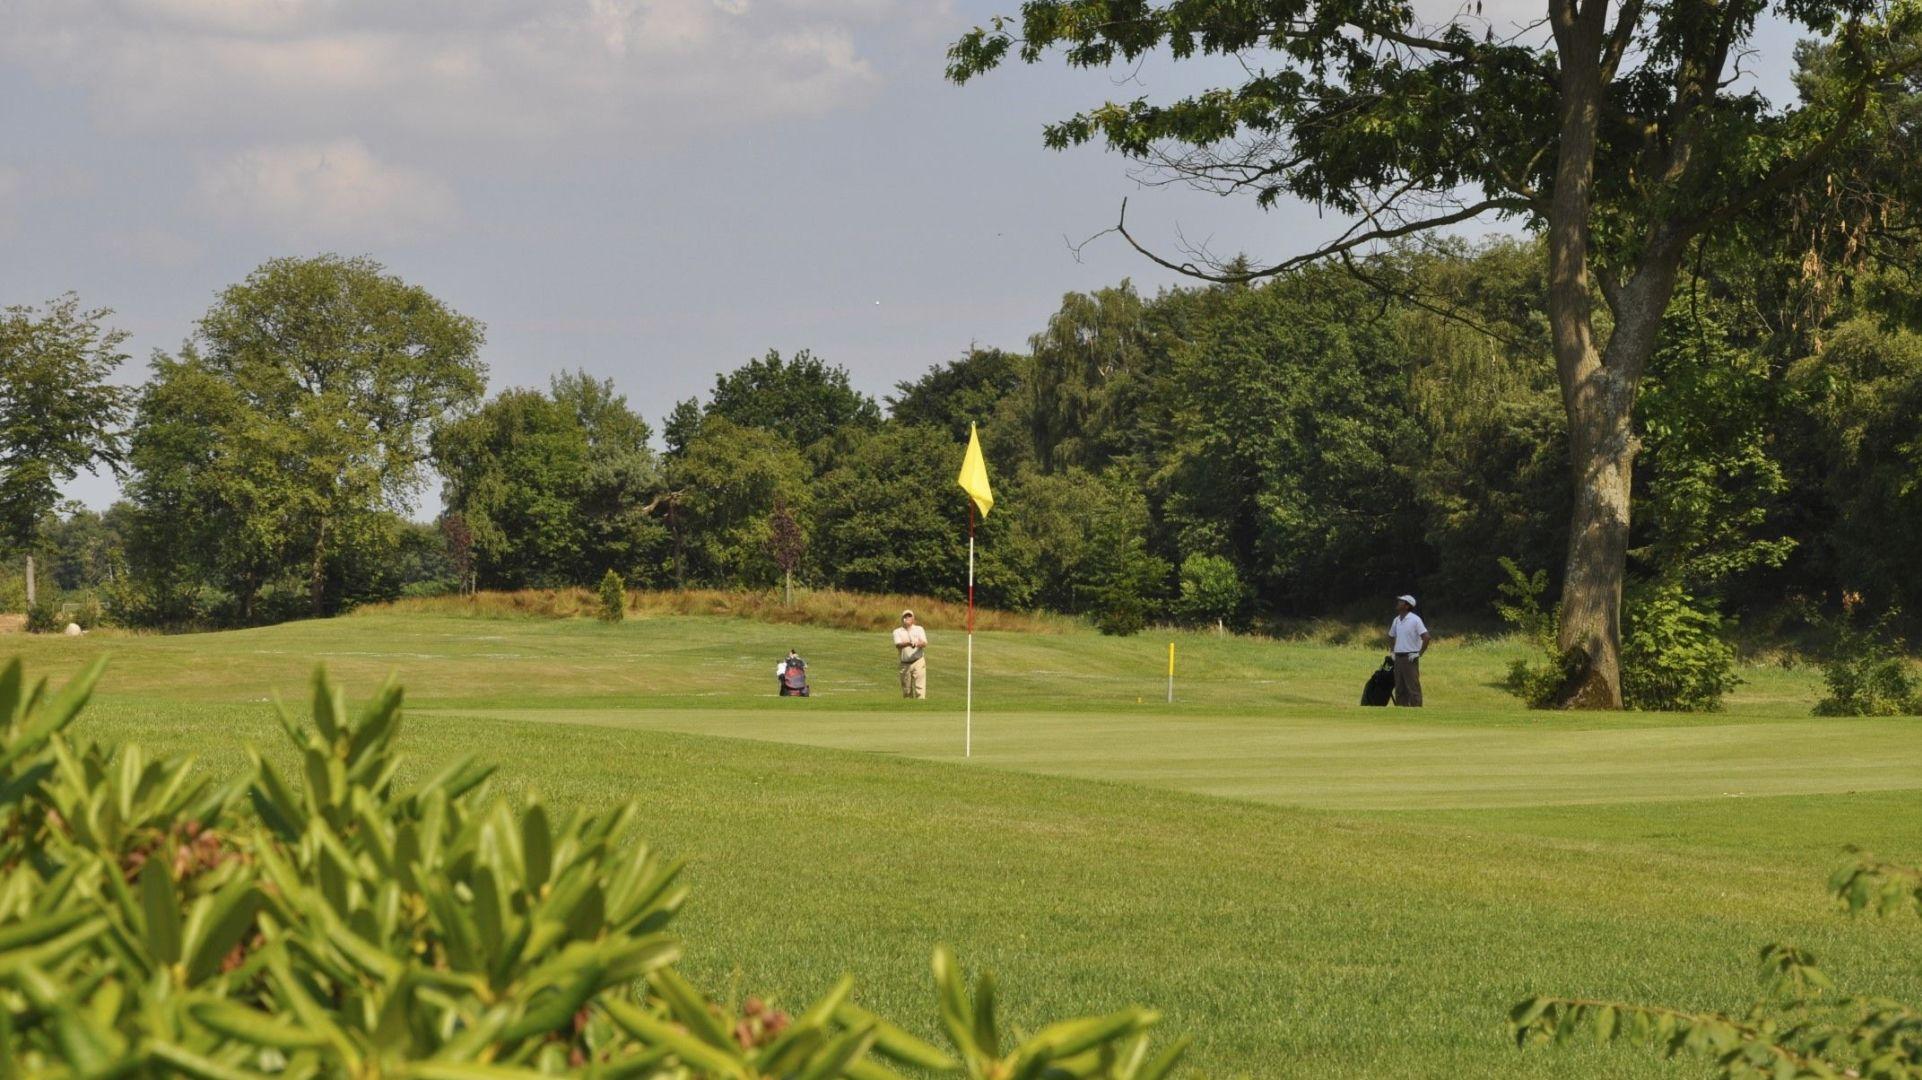 Golfplatz in Wiesmoor-Hinrichsfehn